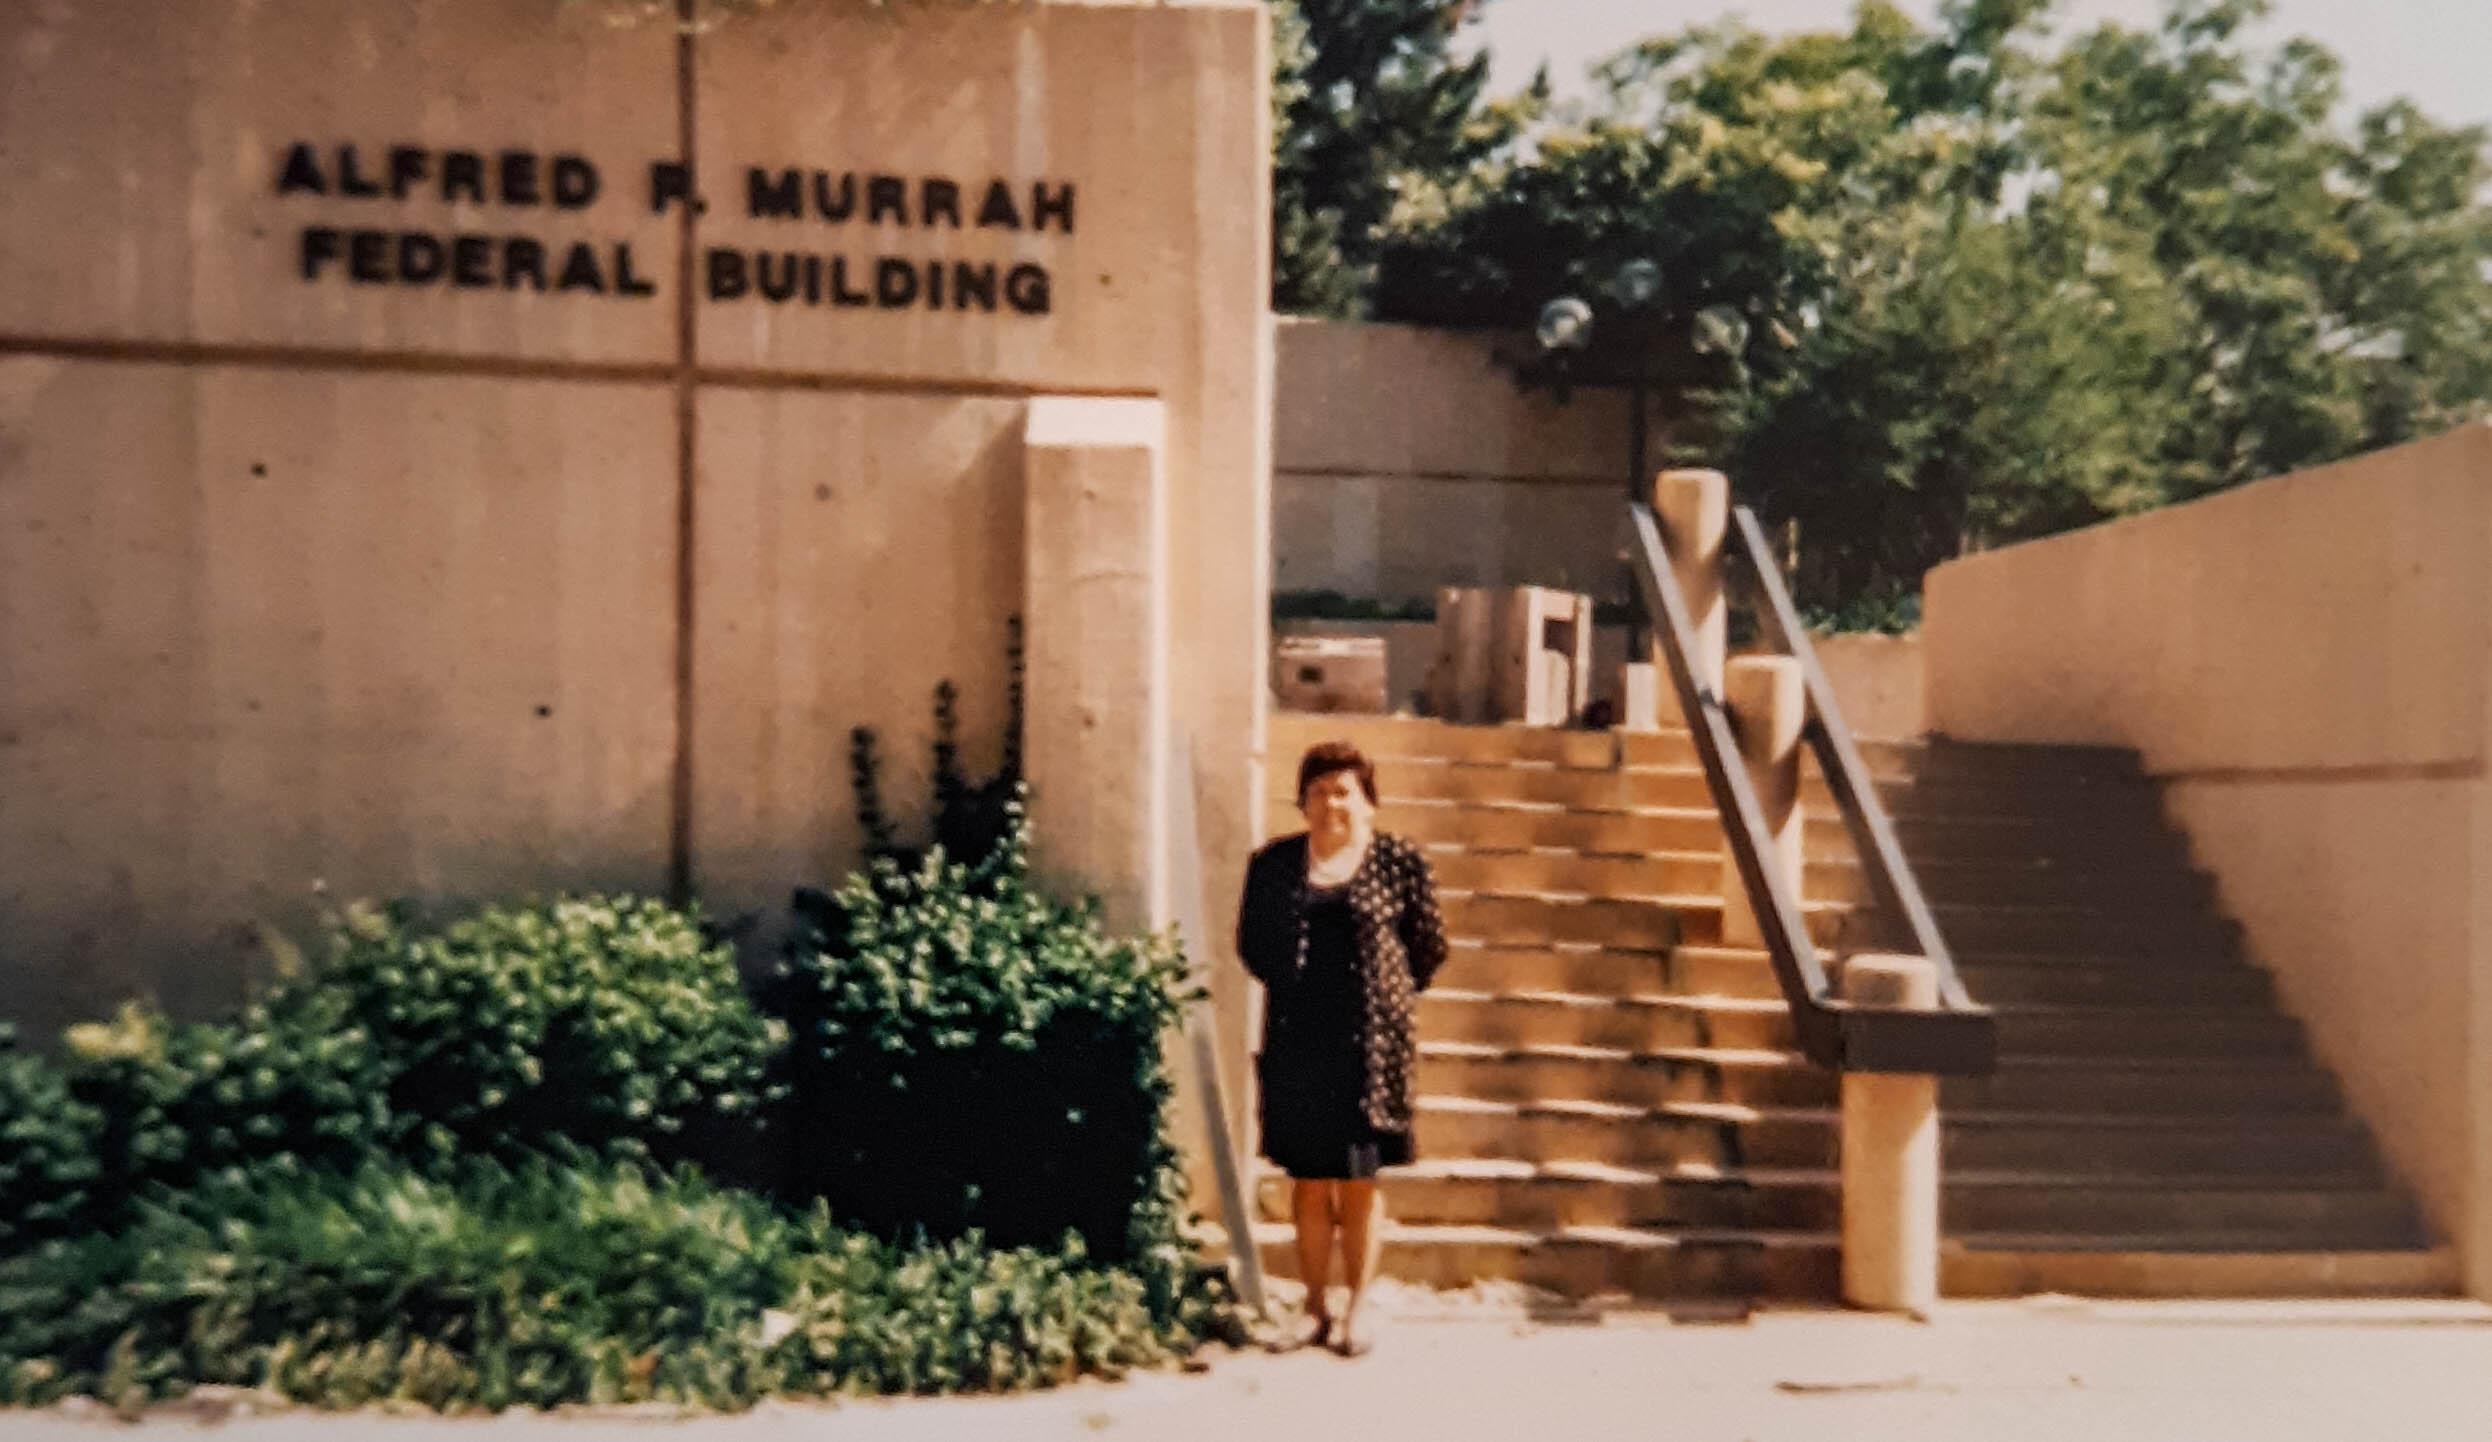 Anne Marshall em frente ao Edifício Federal Alfred P. Murrah, centro do ataque terrorista de 1995. Marshall é um membro ativo da Igreja Metodista Unida de Wewoka na Conferência Indígena Missionária Anual de Oklahoma. Ela é uma delegada da Conferência Geral Metodista Unida de 2021. Foto cortesia da Conferência Anual Missionária Indígena de Oklahoma